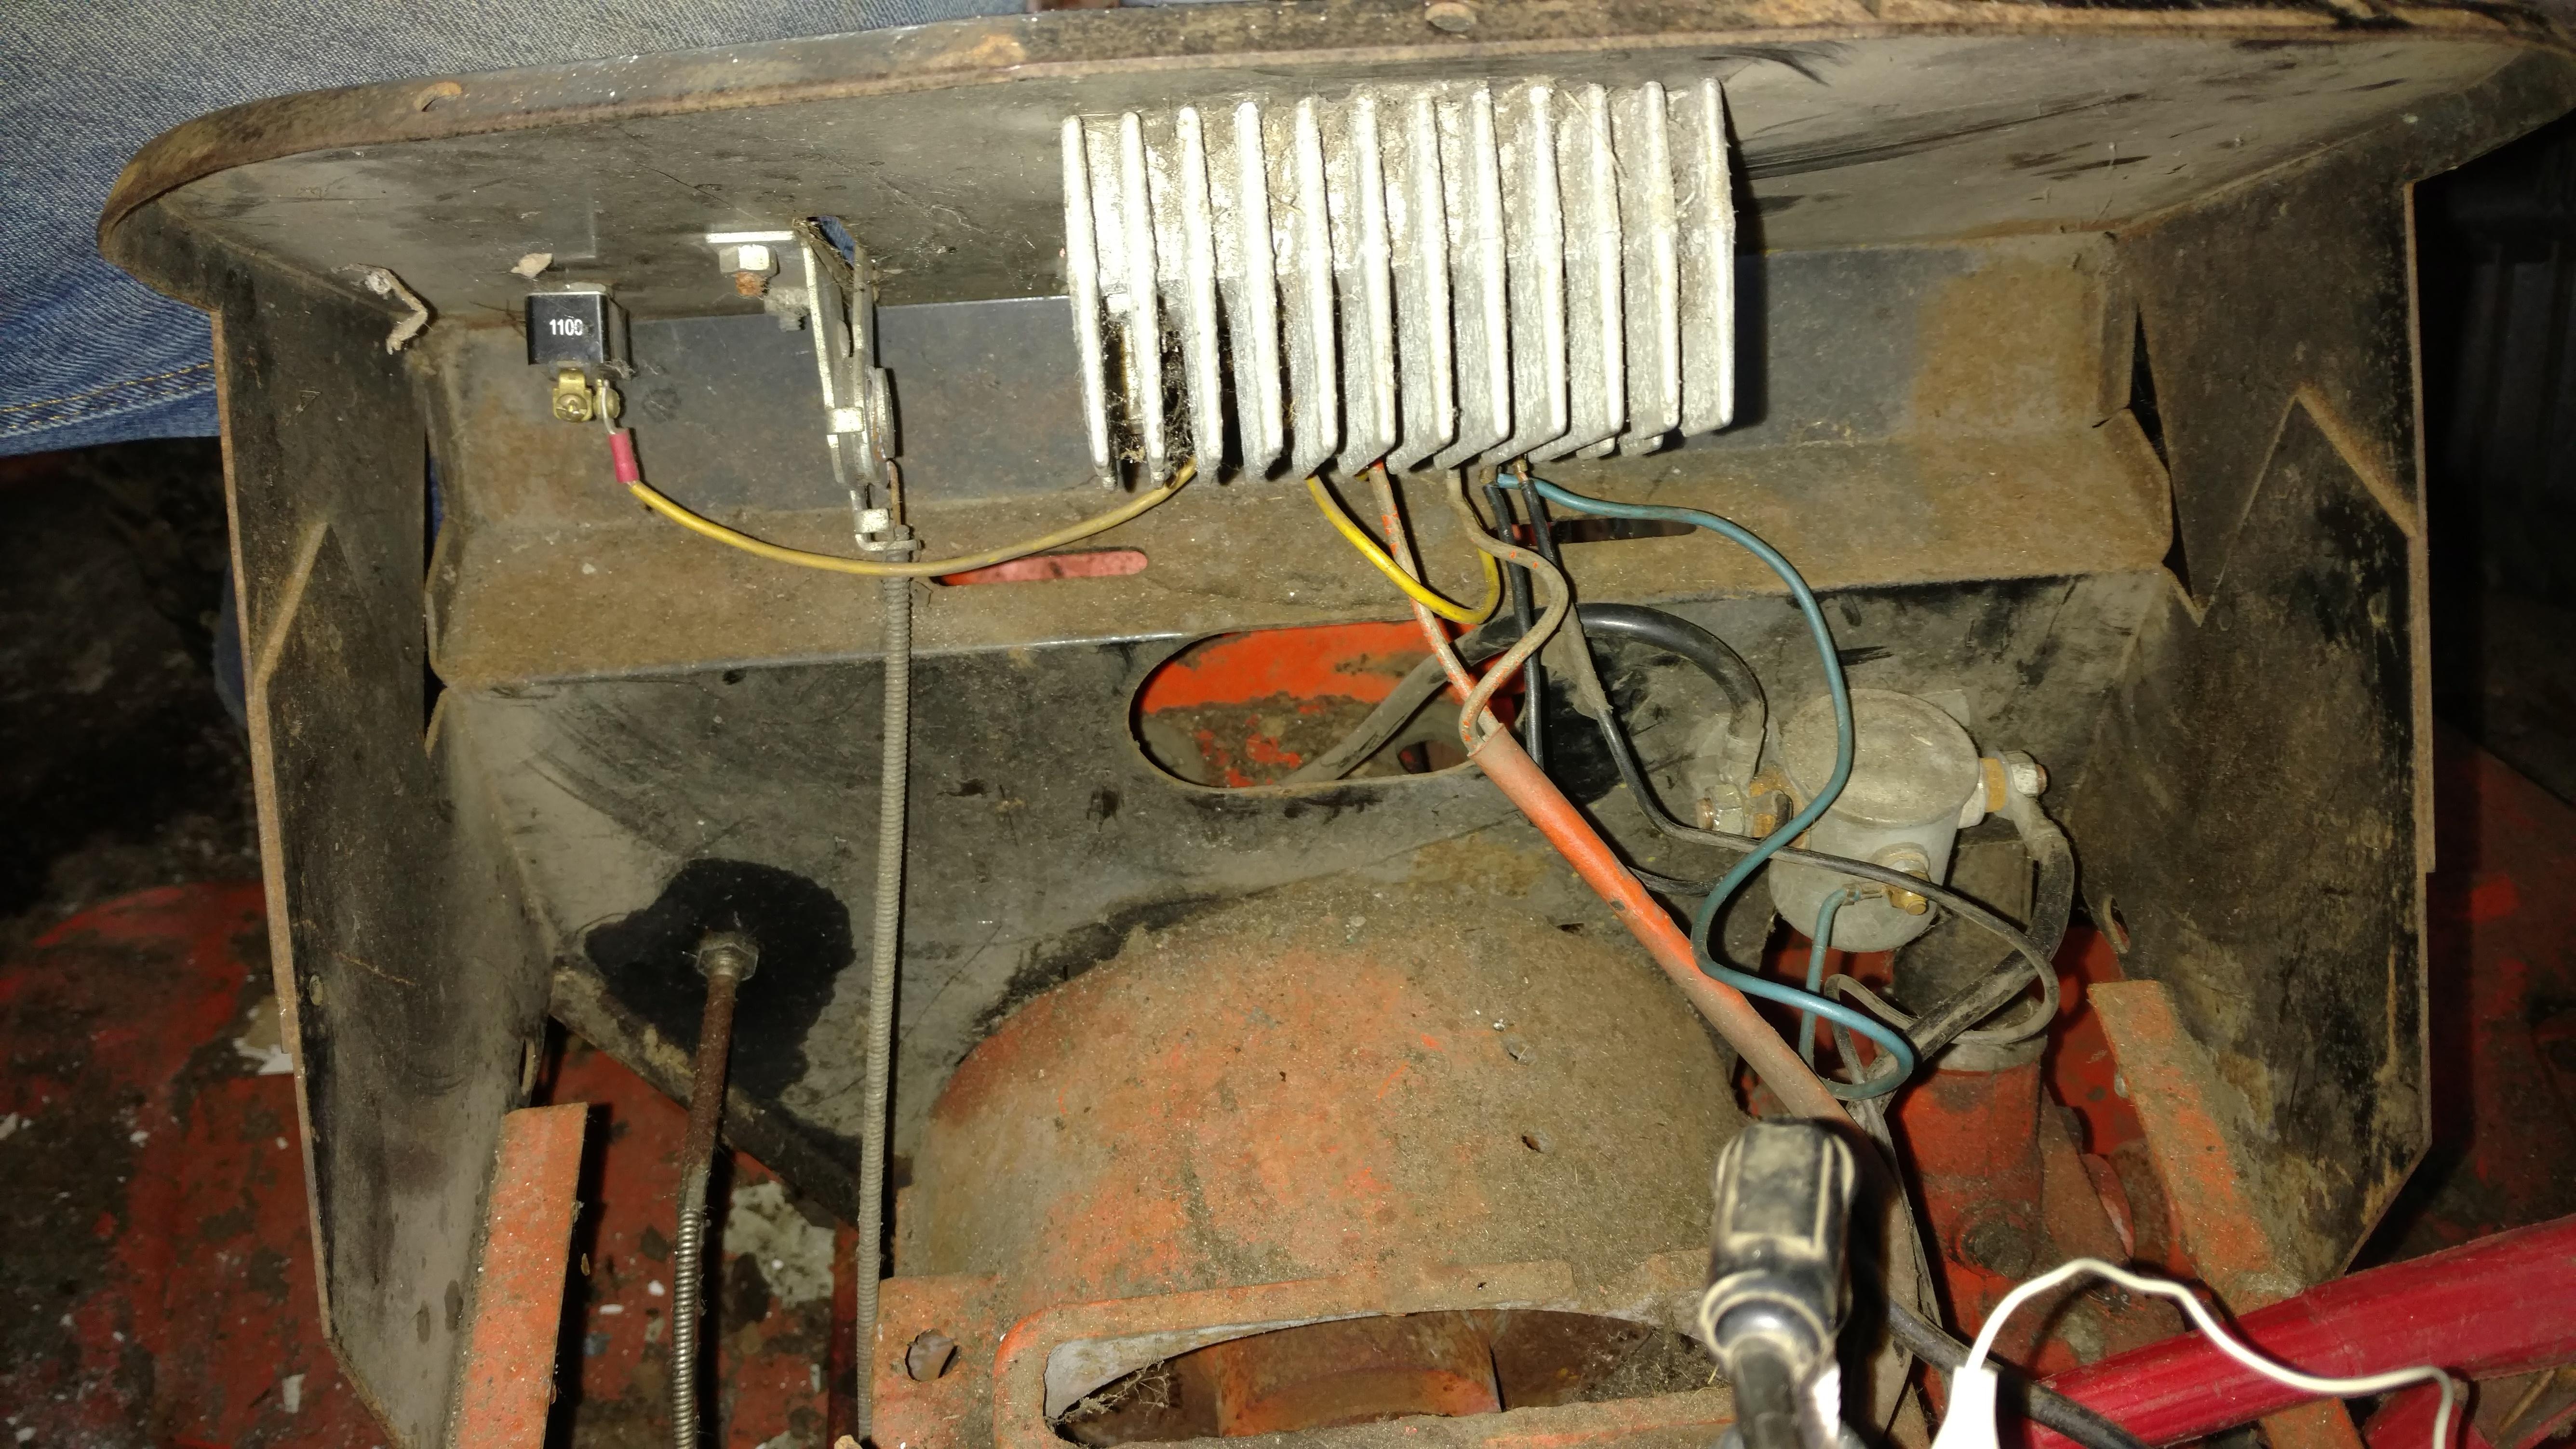 Kohler K321 Electronic Ignition - Rona Mantar